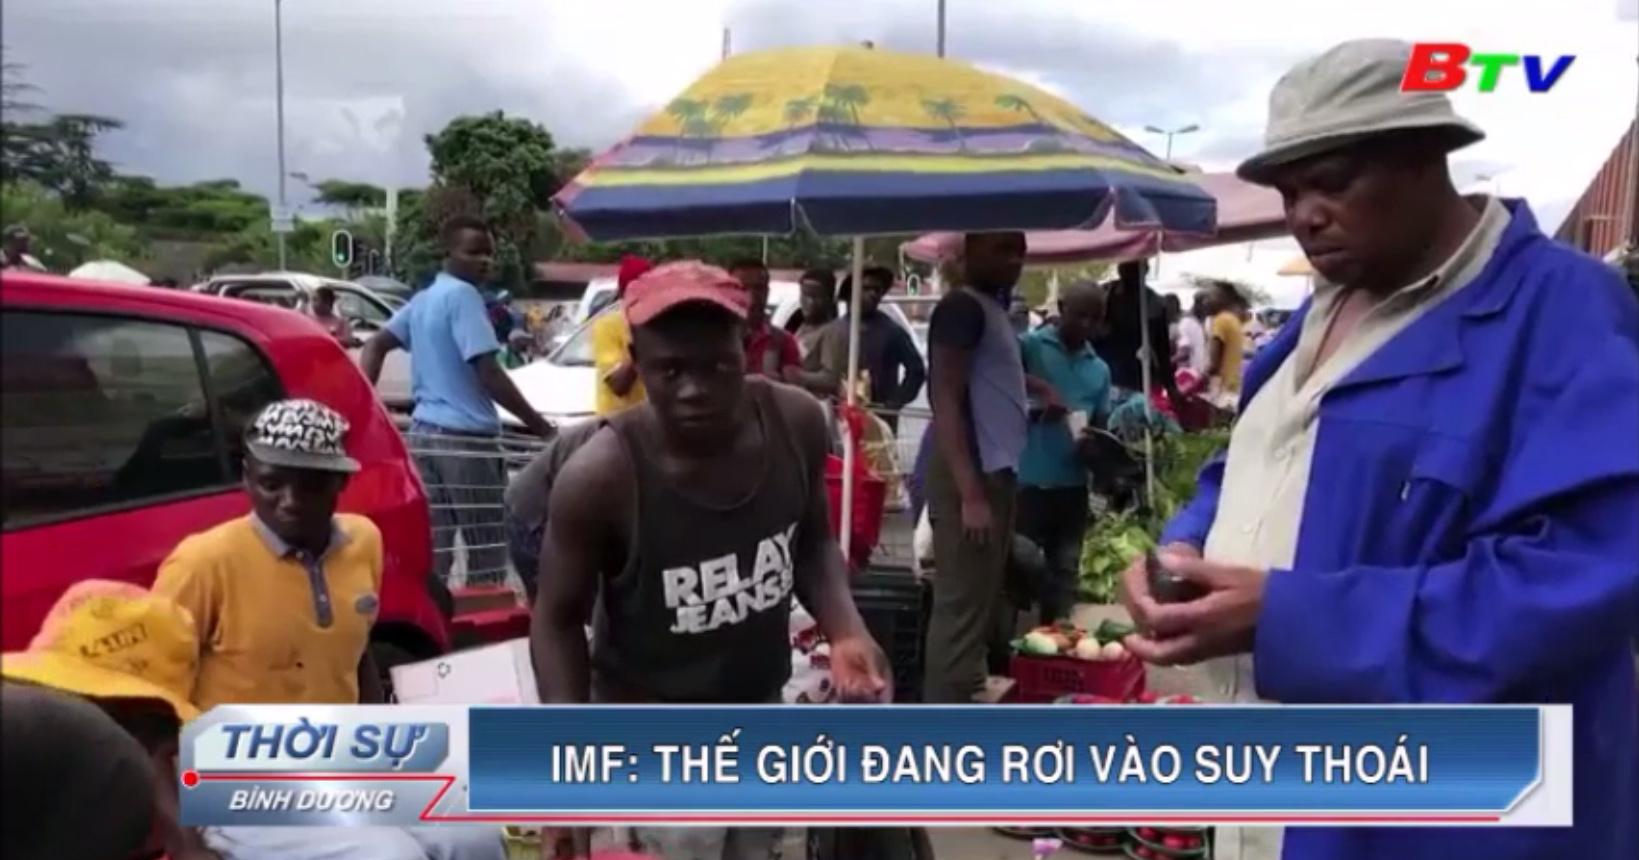 IMF - Thế giới đang rơi vào suy thoái